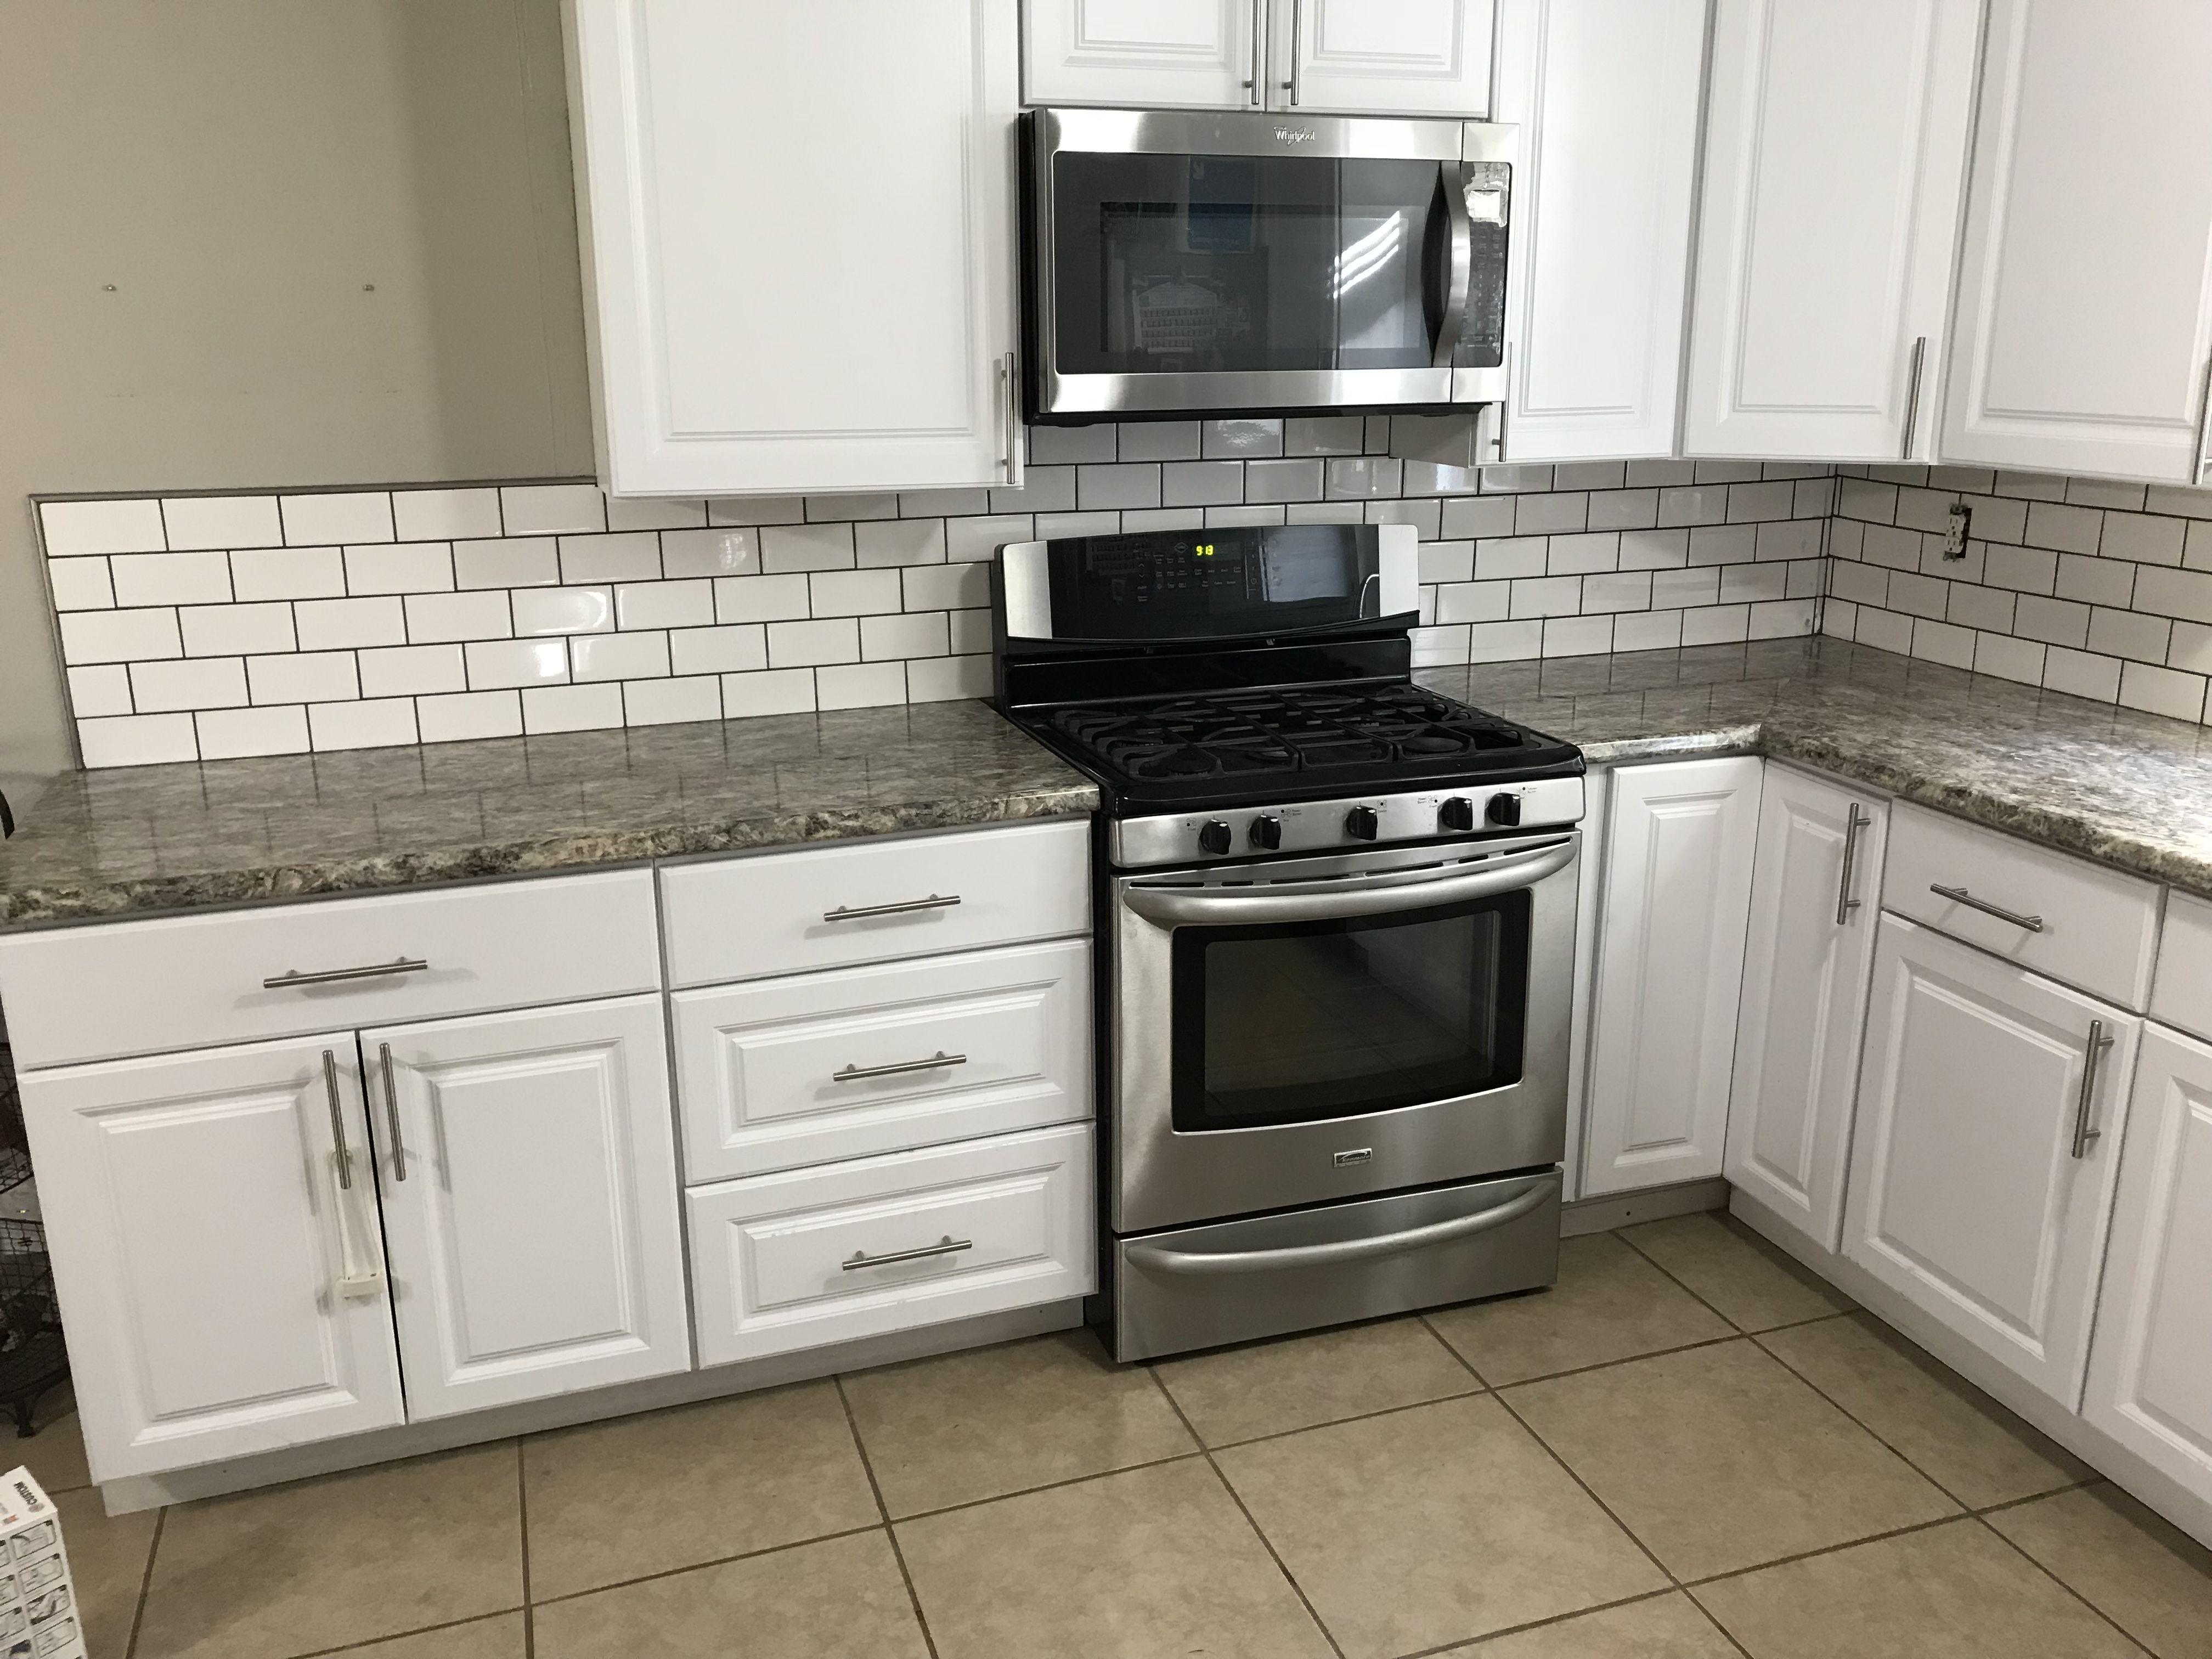 our new kitchen backsplash 3x6 white